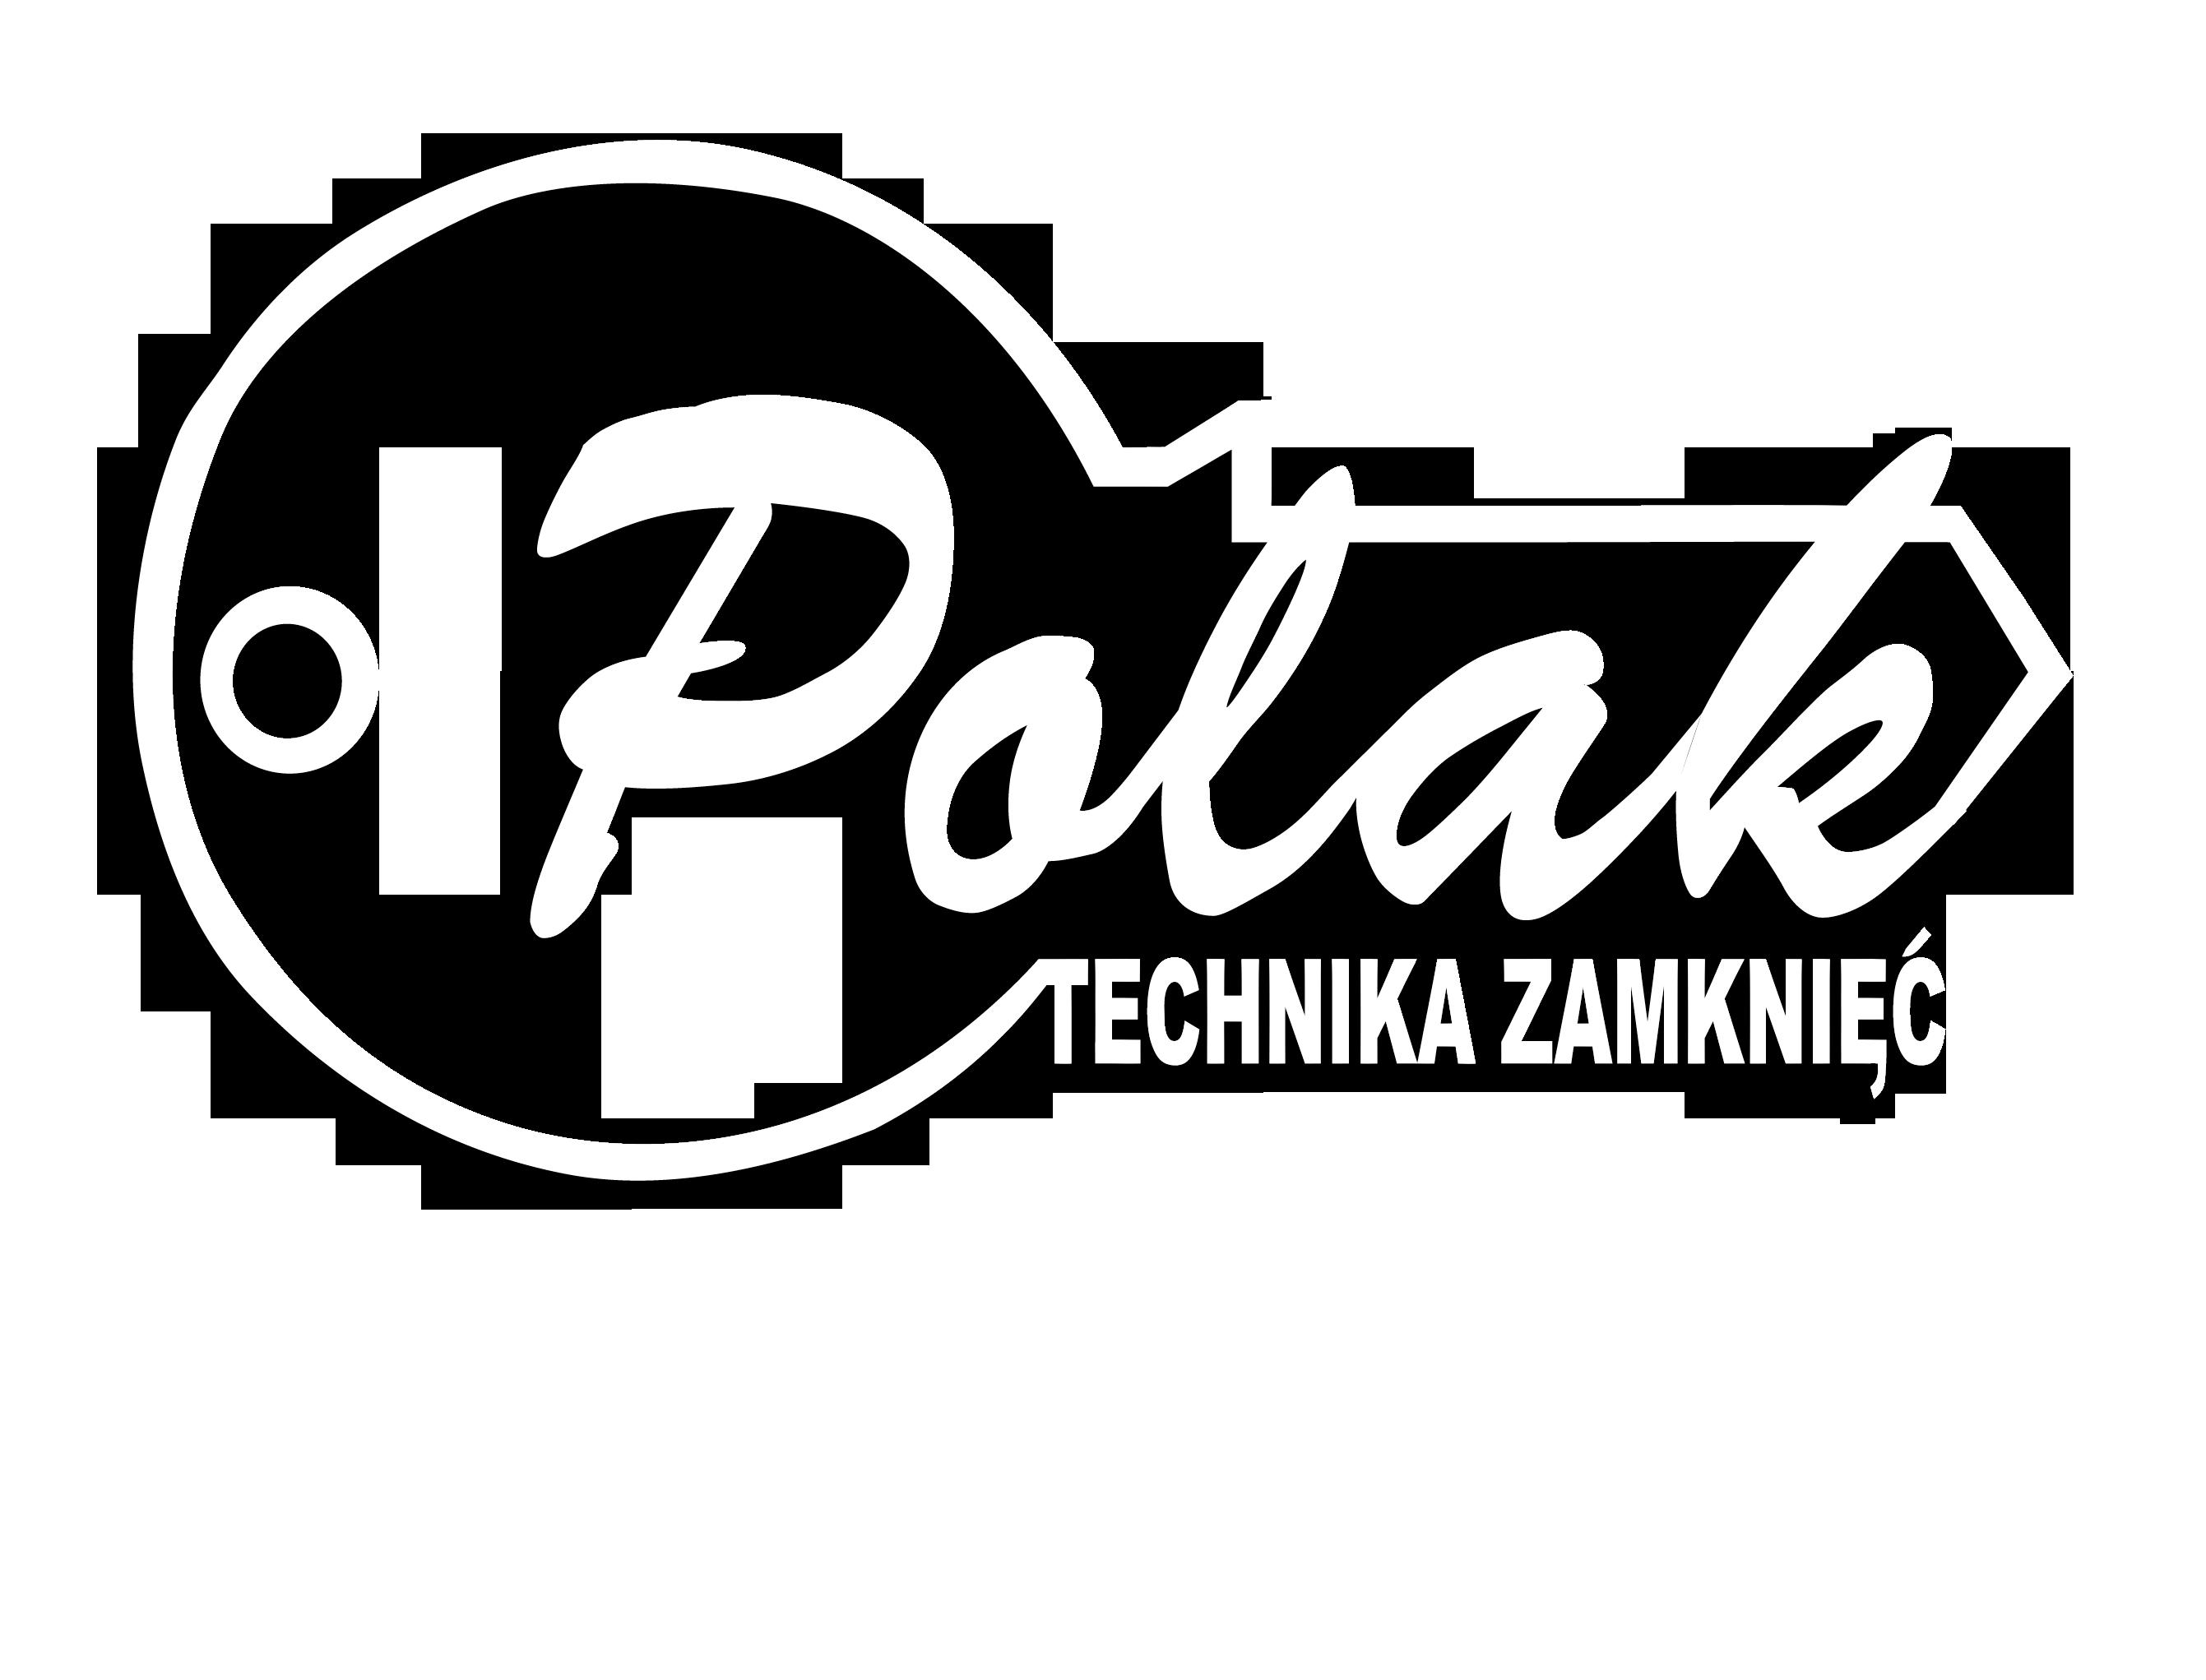 Technika Zamknięć Lech Polak